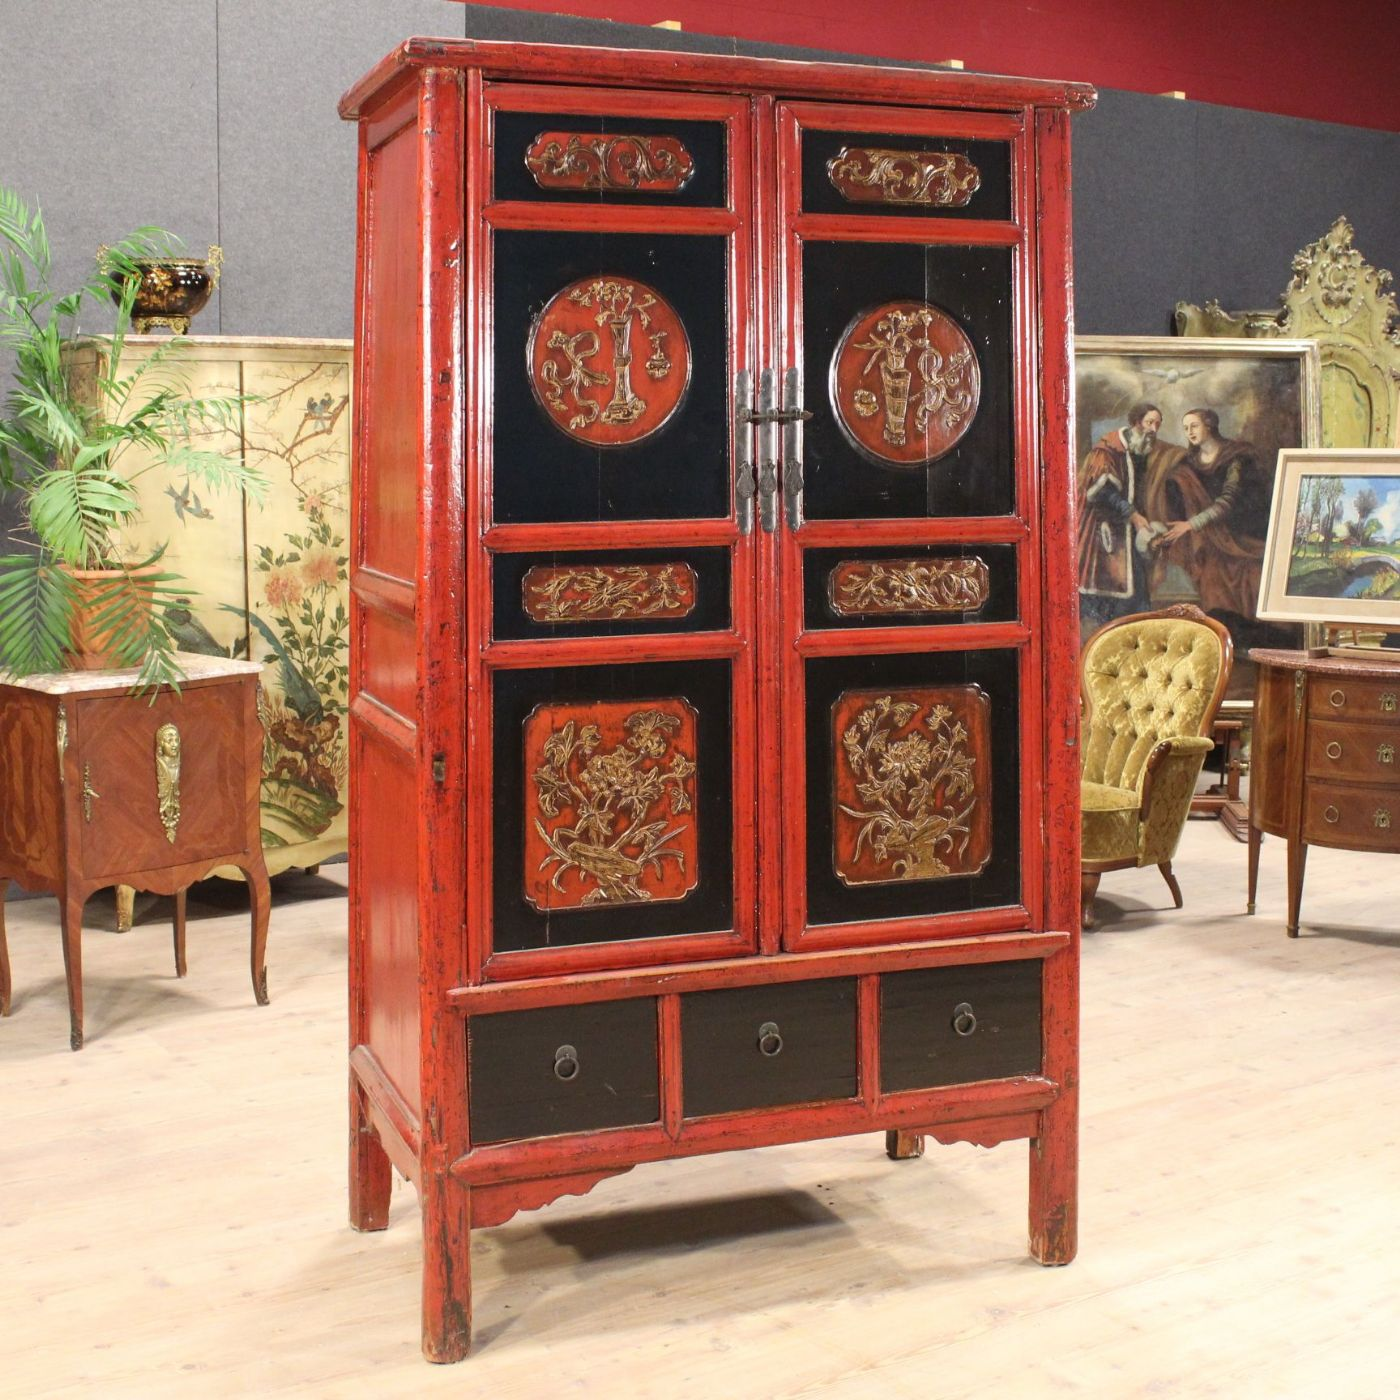 Armadio cinese in legno laccato del xx secolo - Mobili laccati bianchi ...